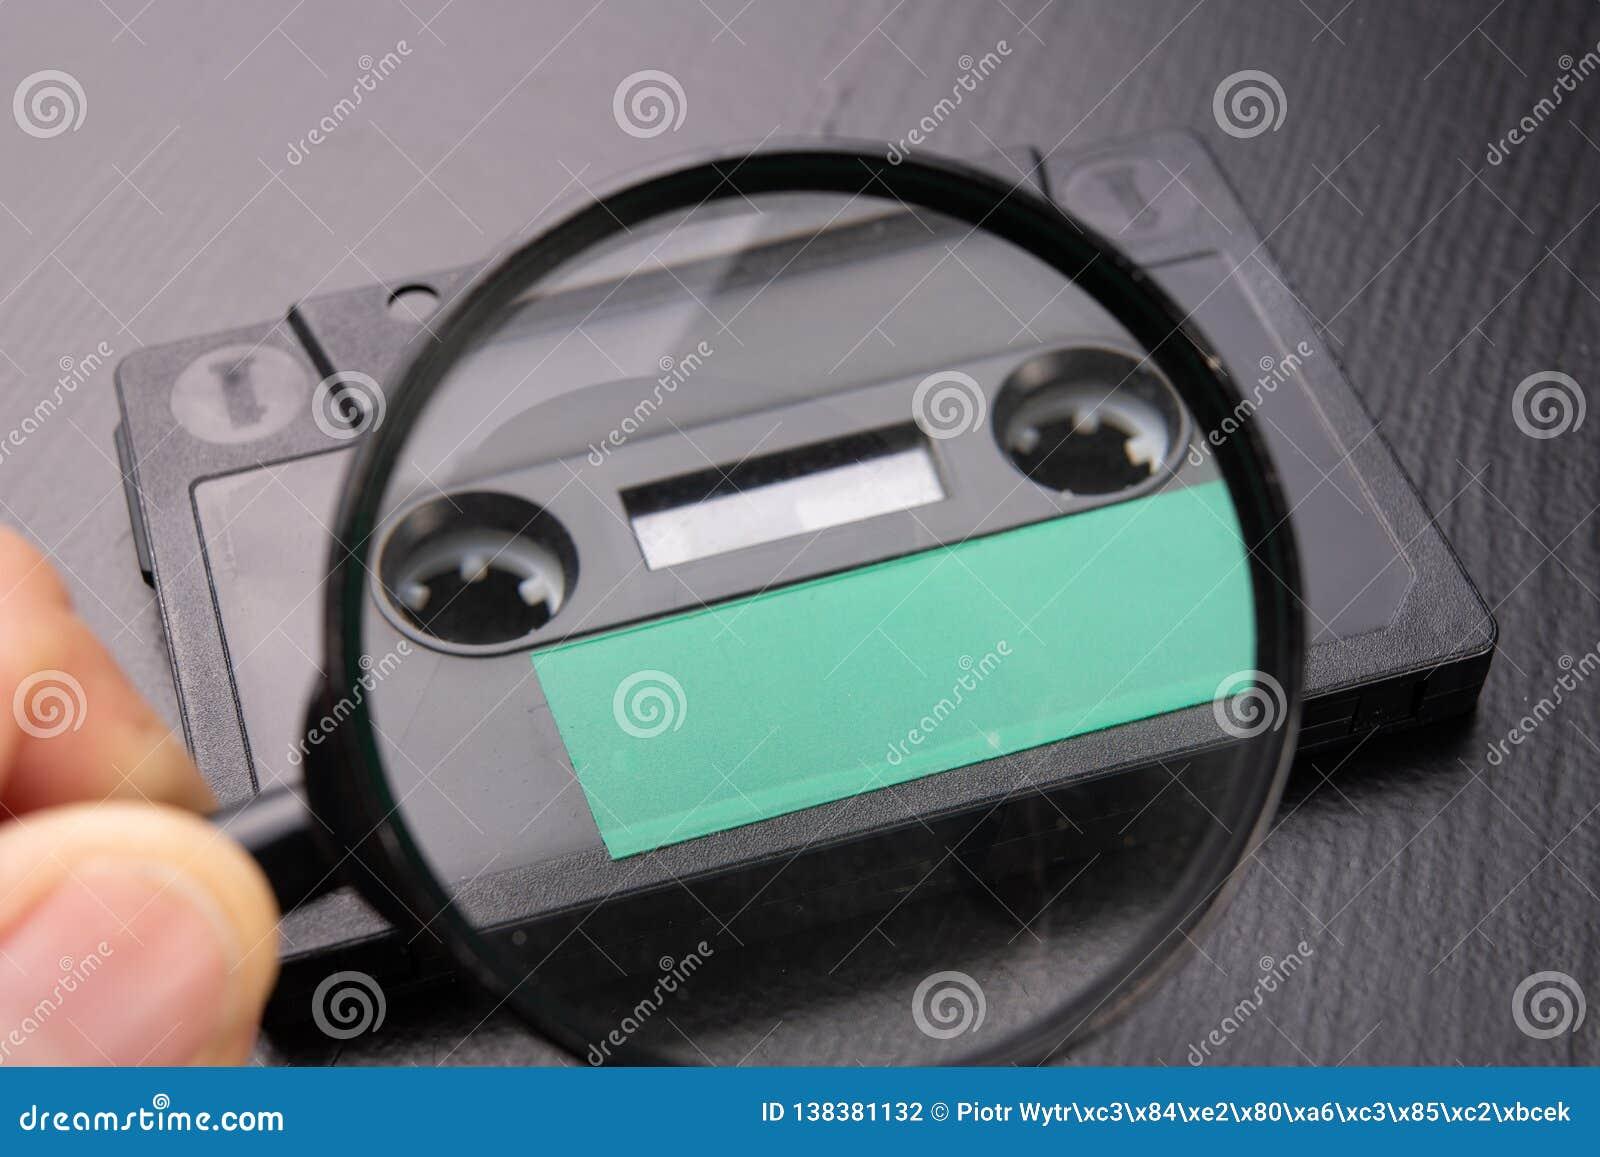 Ακουστική κασέτα με το διάστημα για την είσοδο κειμένων που βλέπει μέσω της ενίσχυσης - γυαλί Κασέτα χωρίς περιγραφή